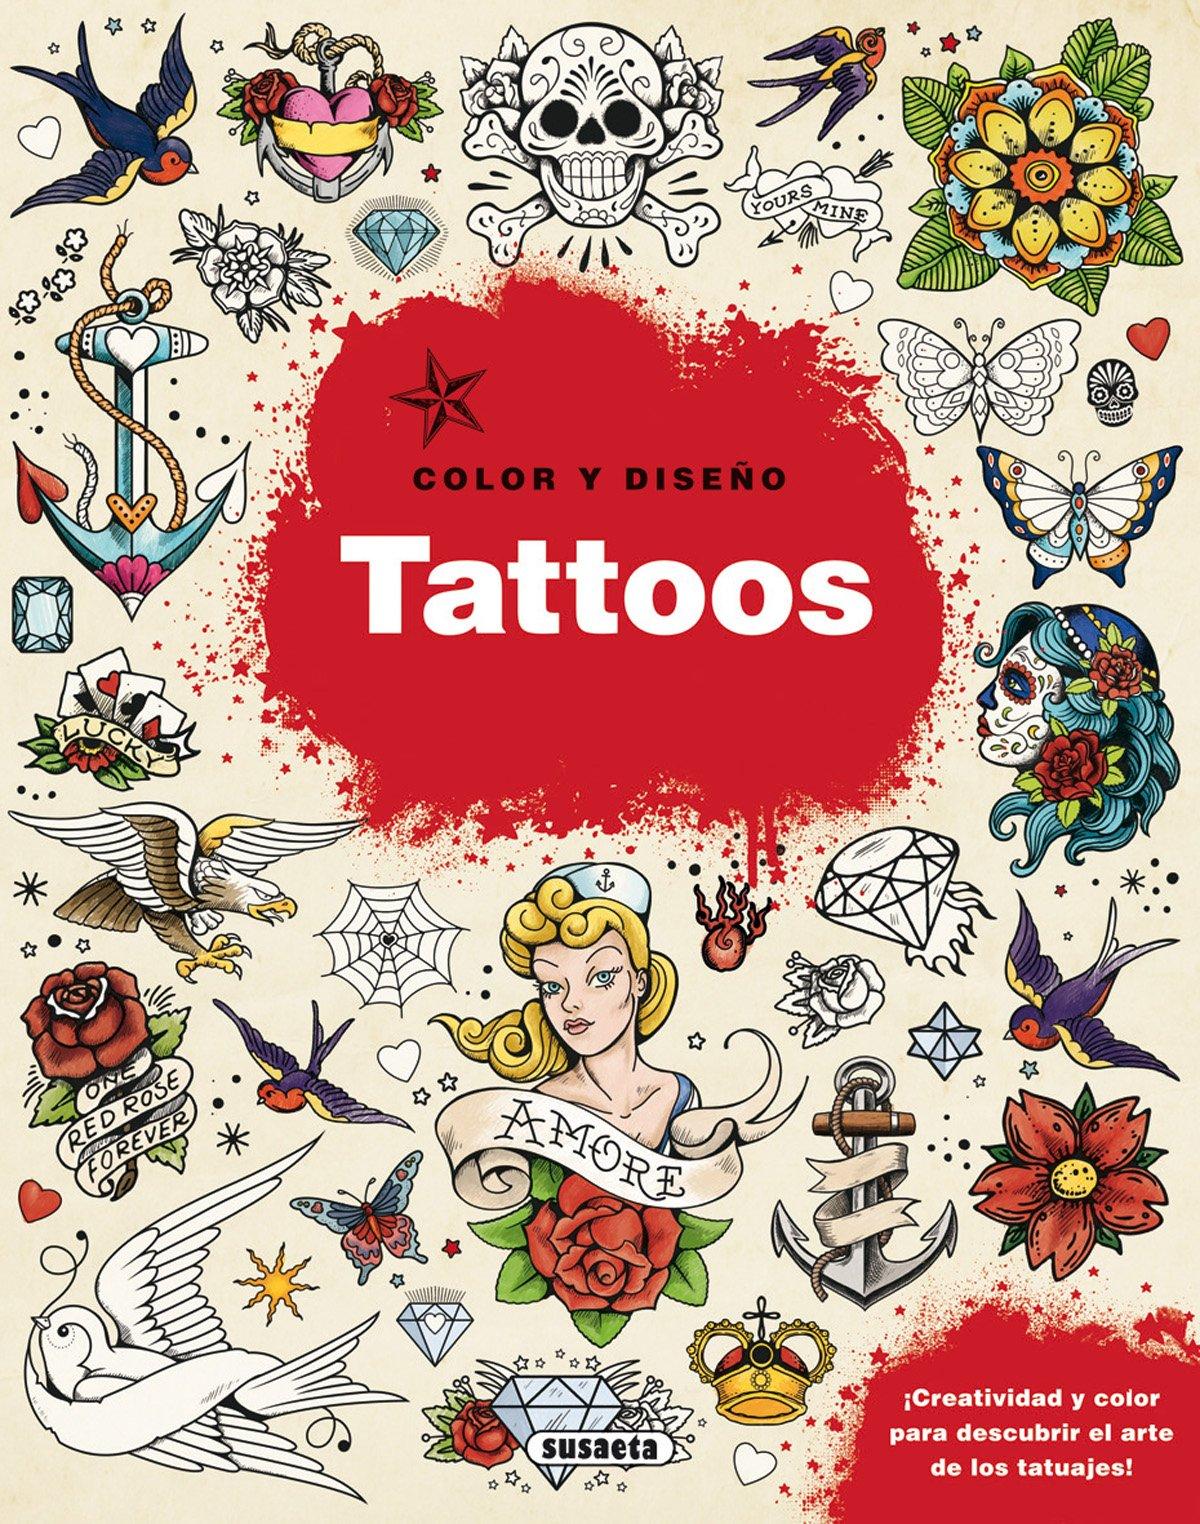 Tattoos (Color y diseño): Amazon.es: Susaeta, Equipo: Libros